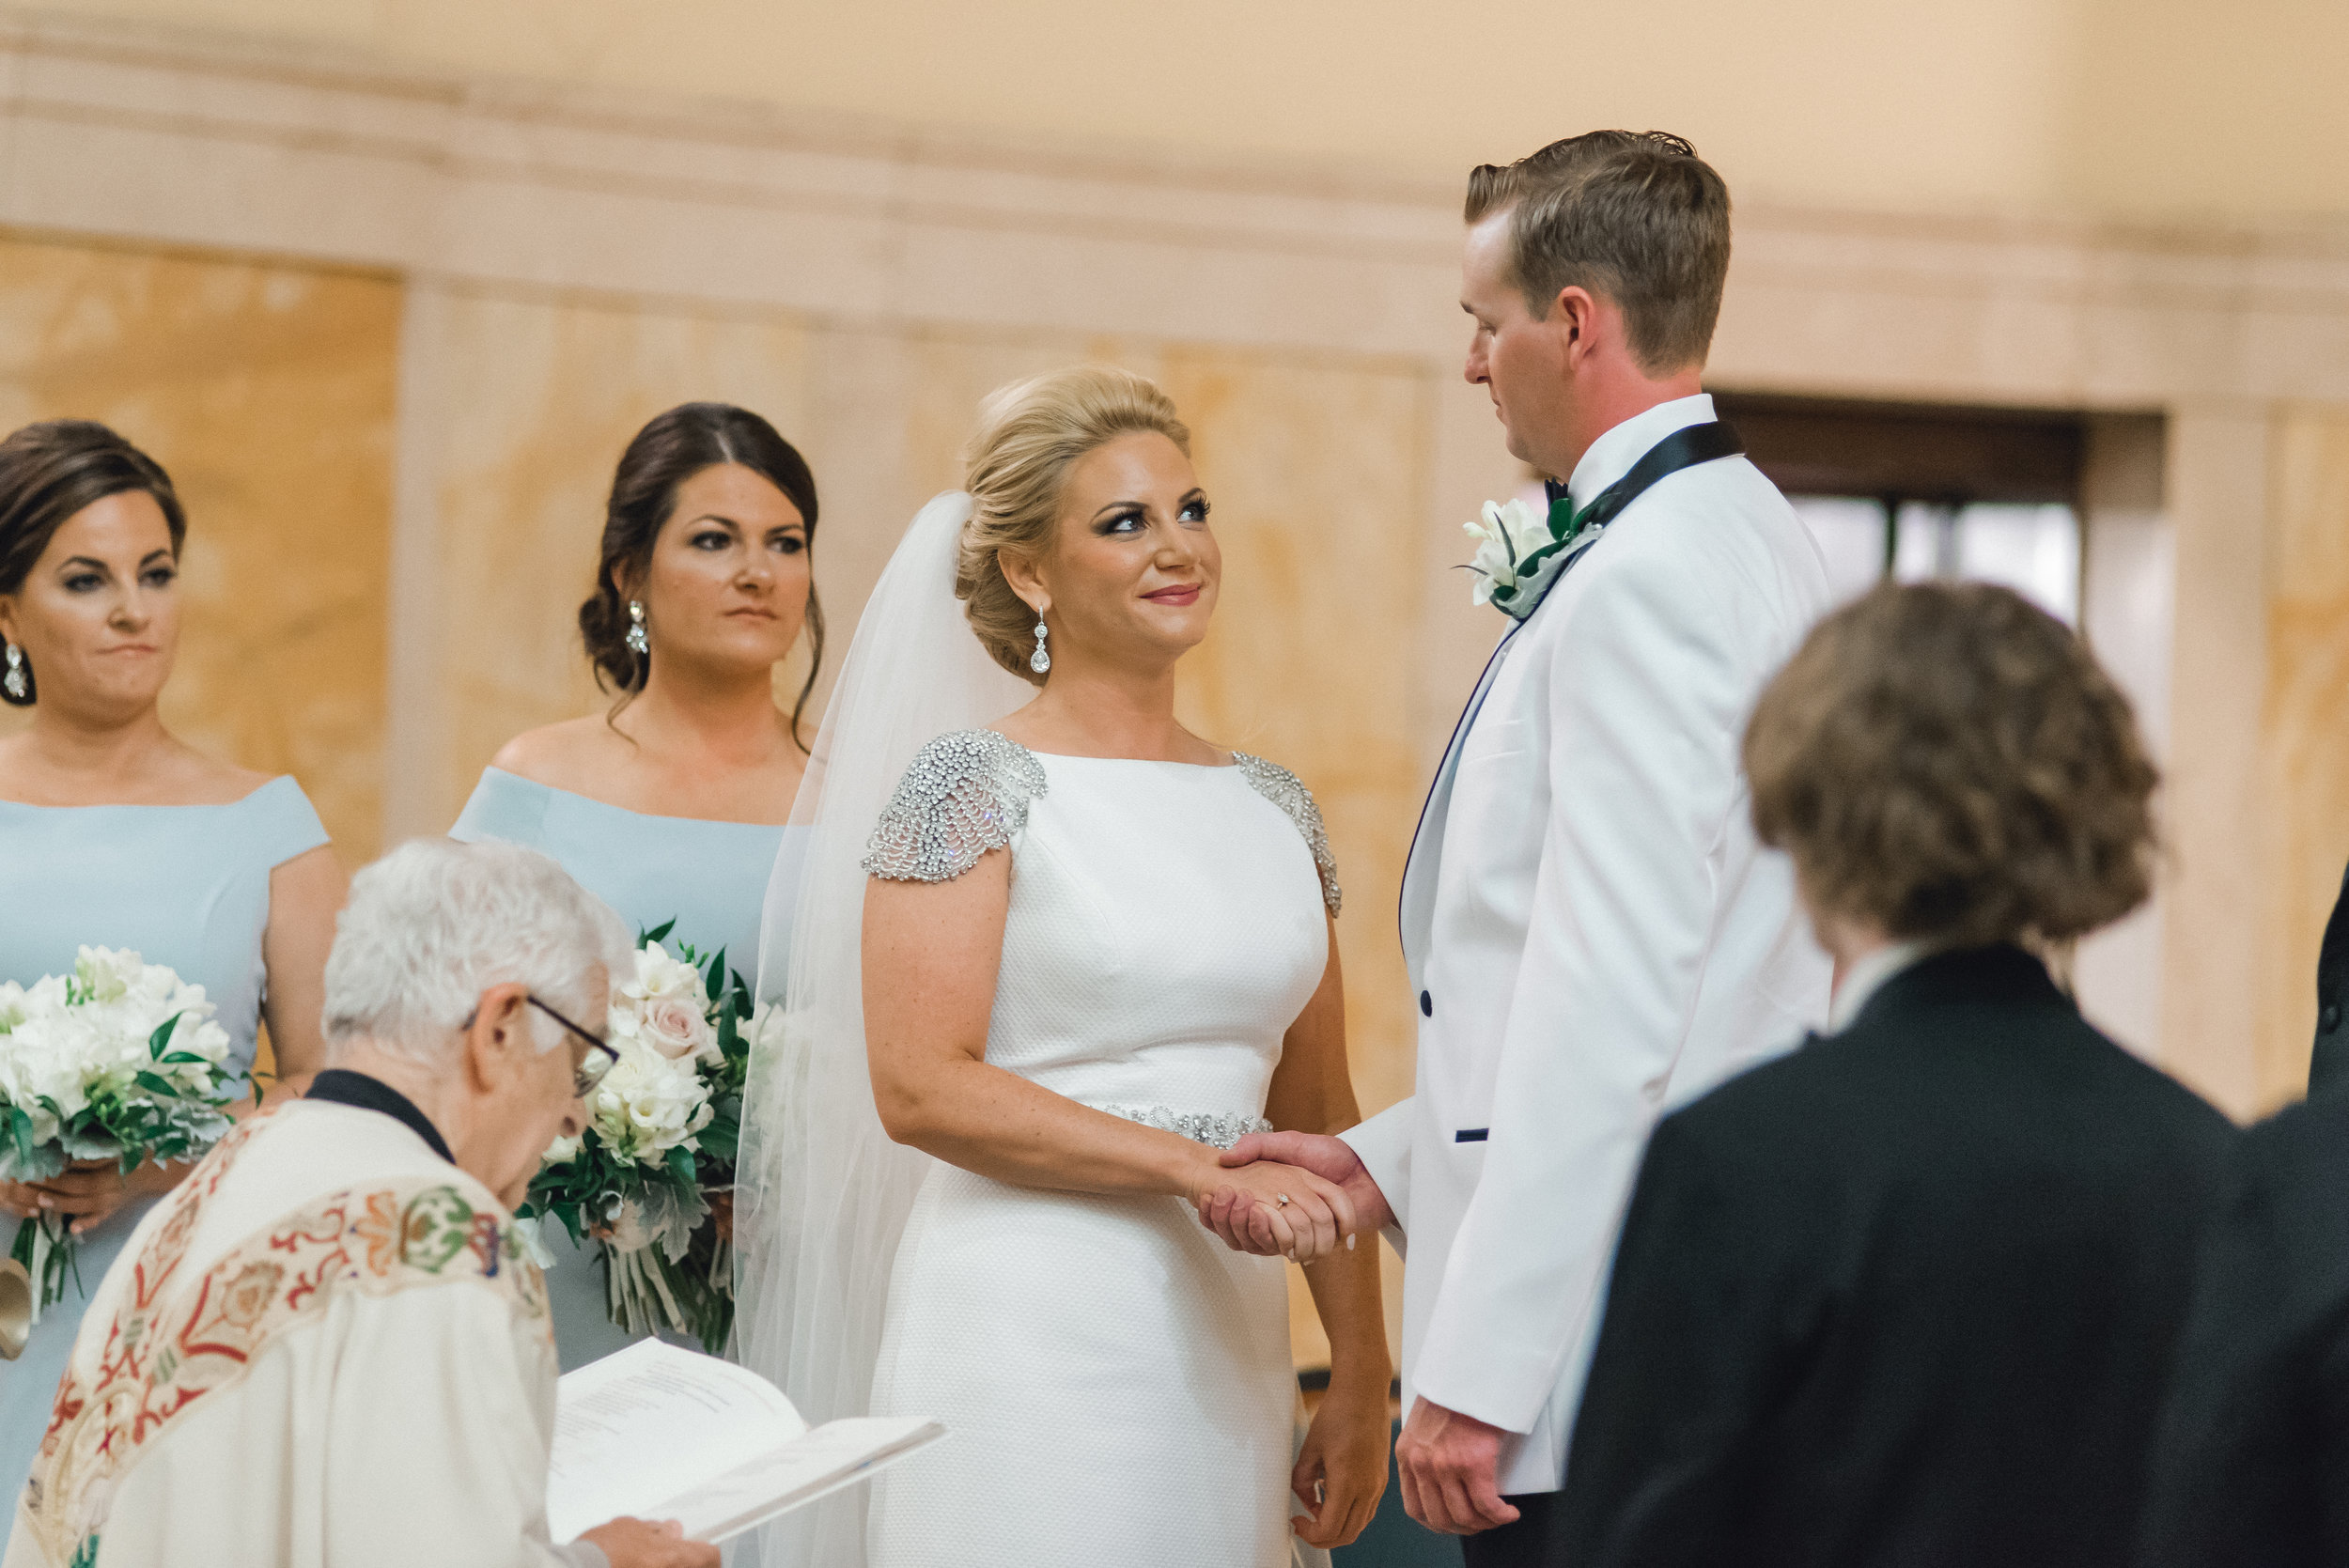 omni-william-penn-wedding-classic-chic-modern-photography-0021.jpg